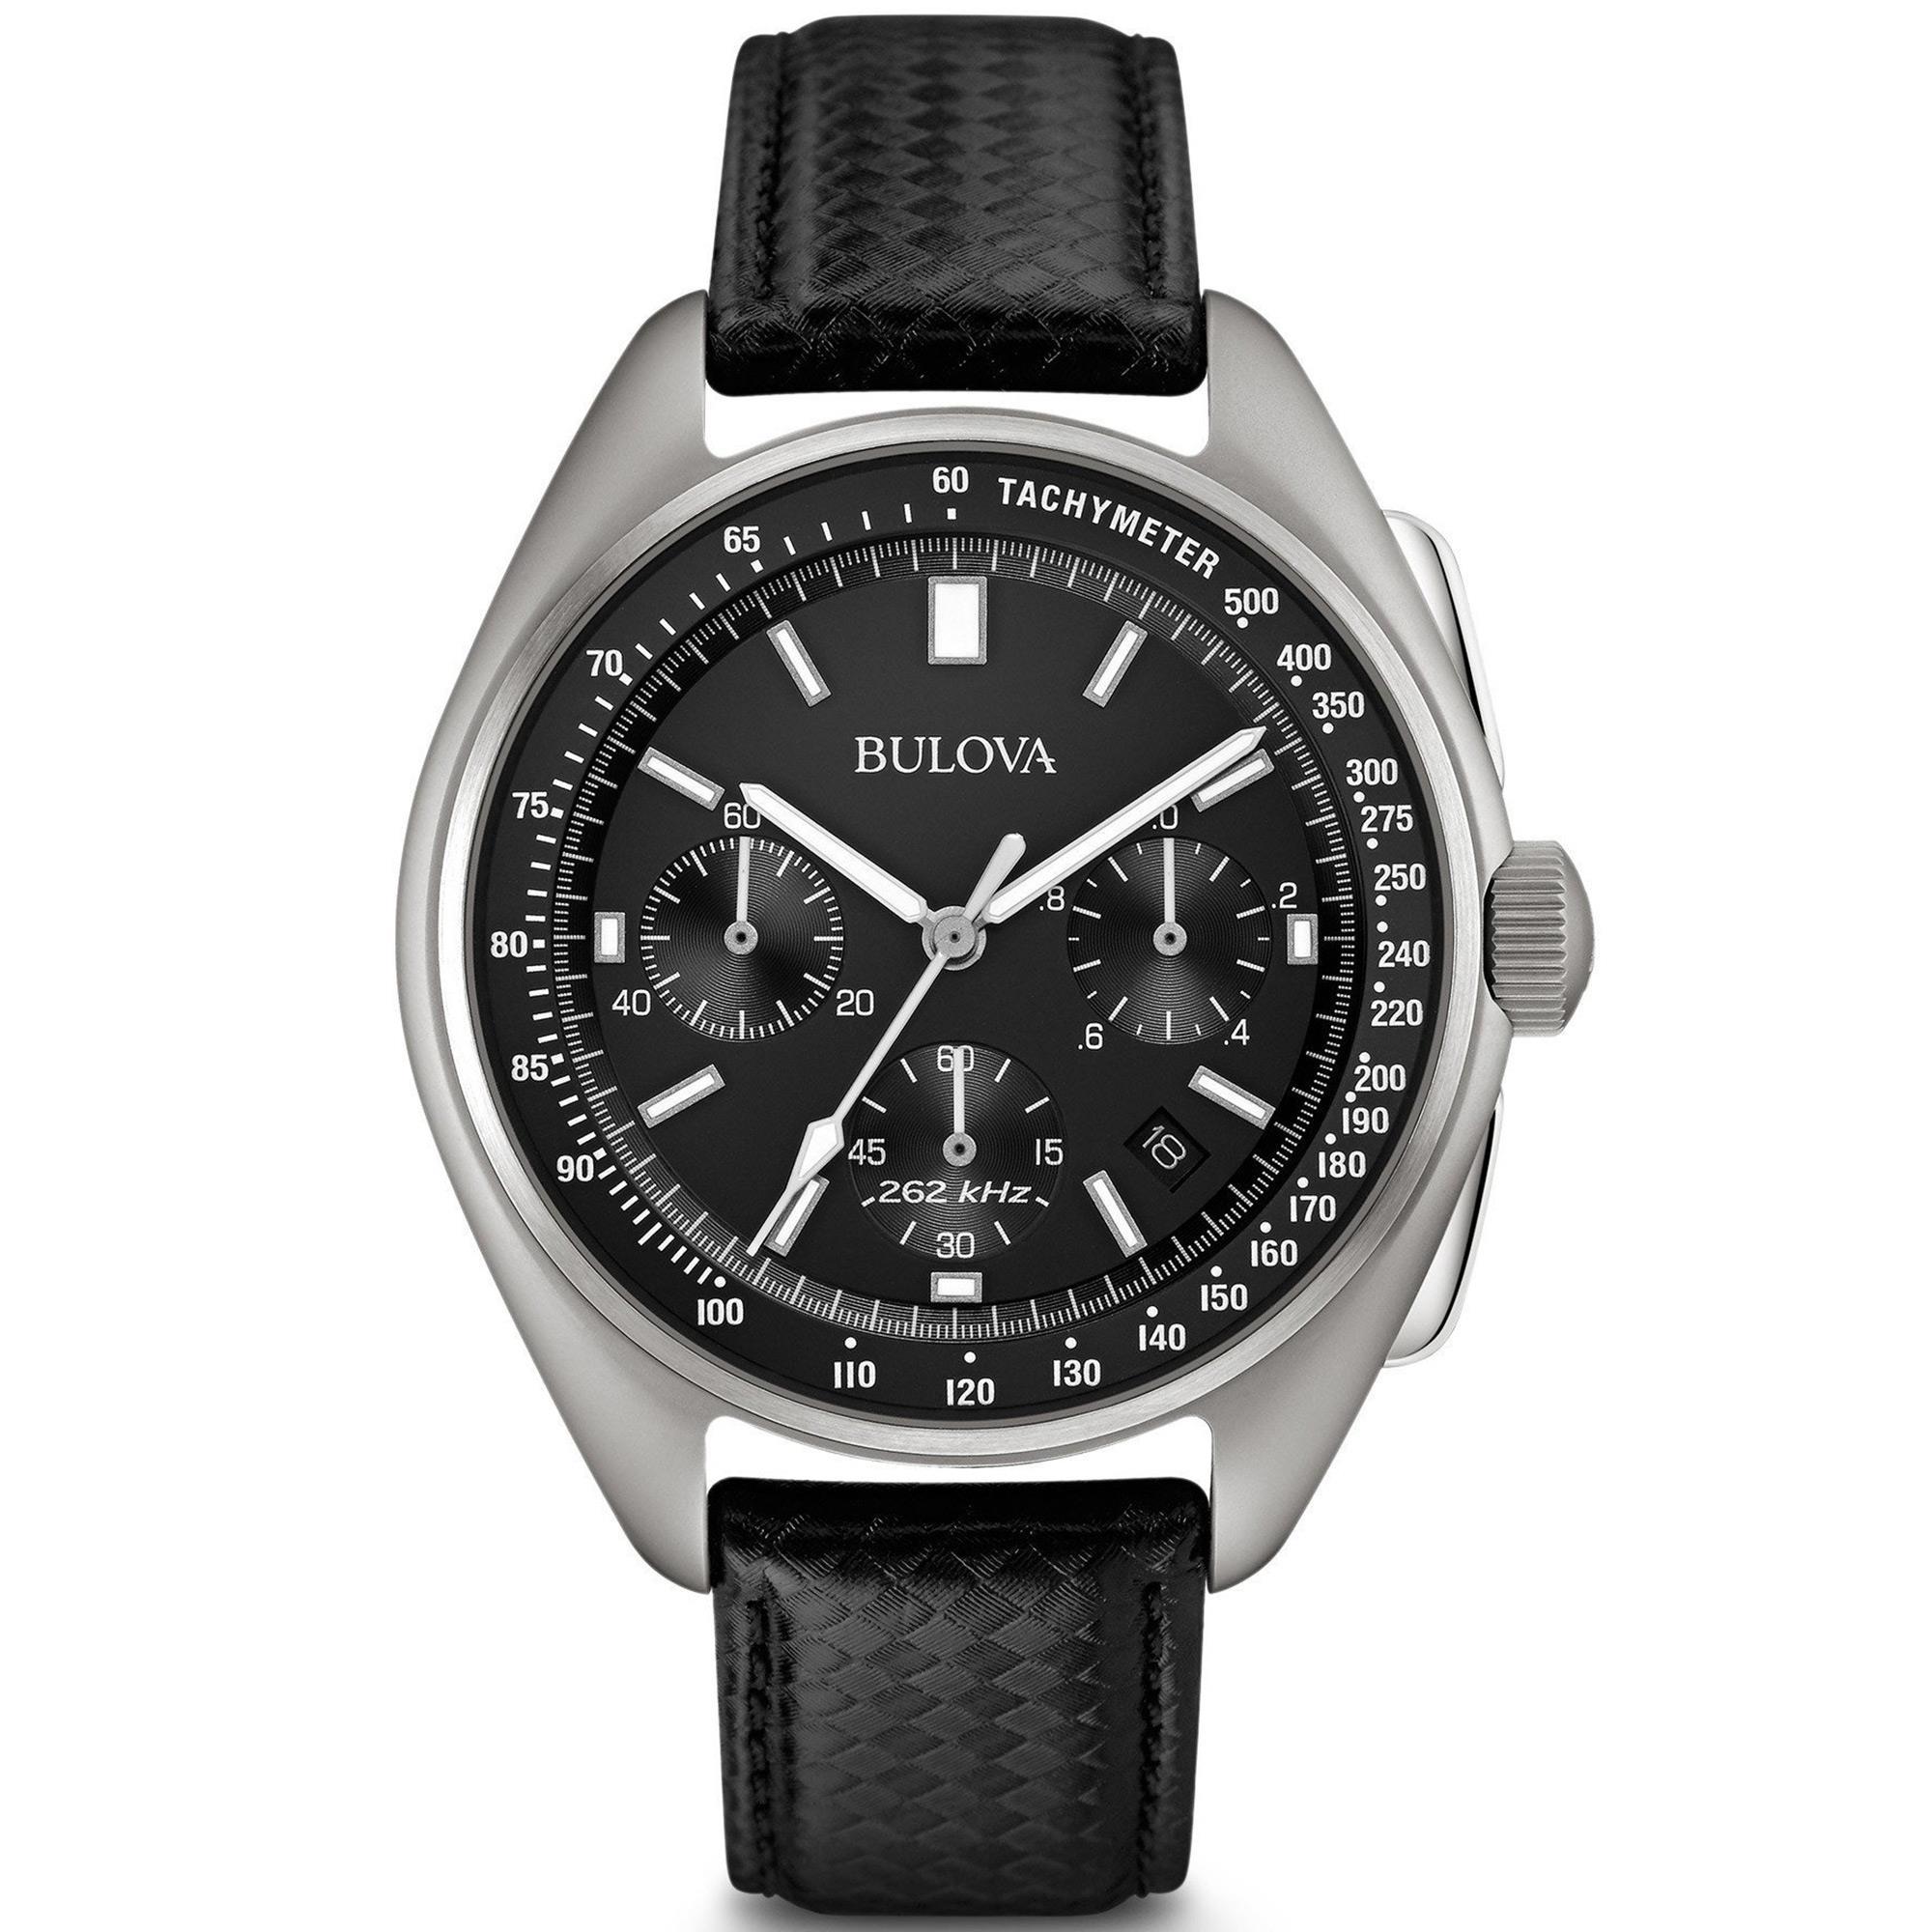 Cronografo Lunar Pilot Special Edition - BULOVA